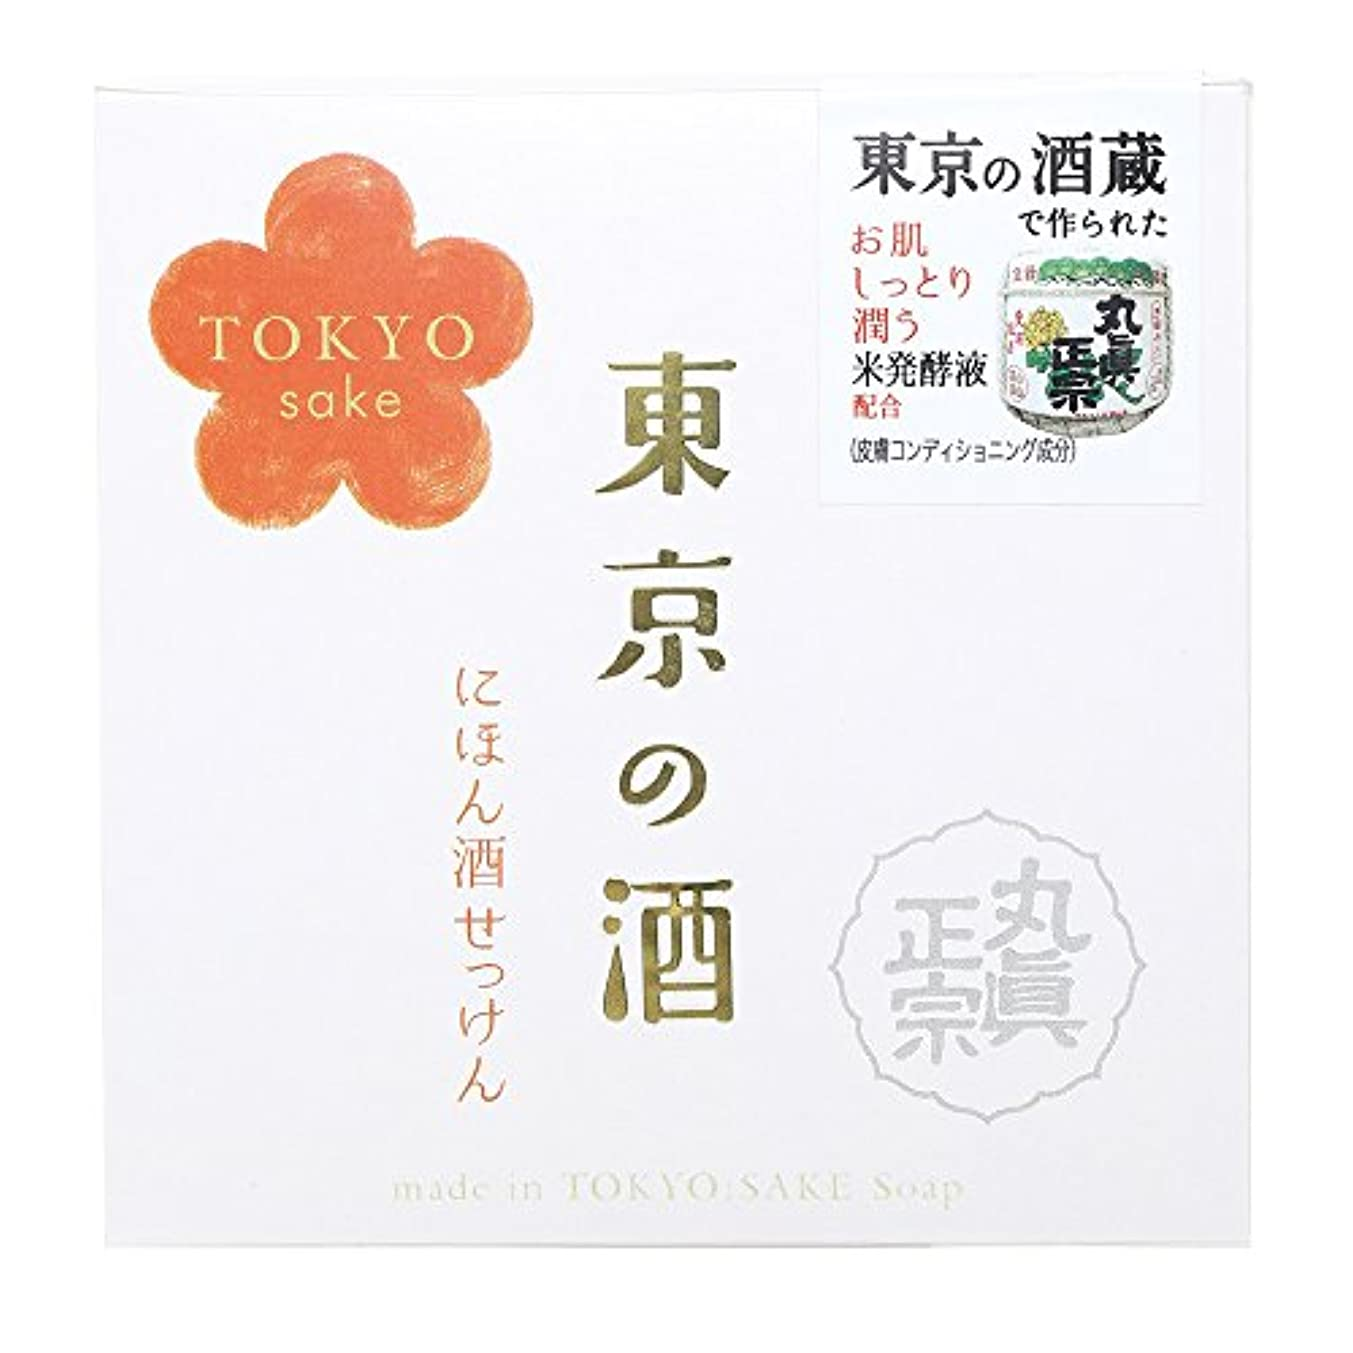 こしょうフェンス近々ノルコーポレーション 東京の酒 石けん OB-TKY-1-1 100g